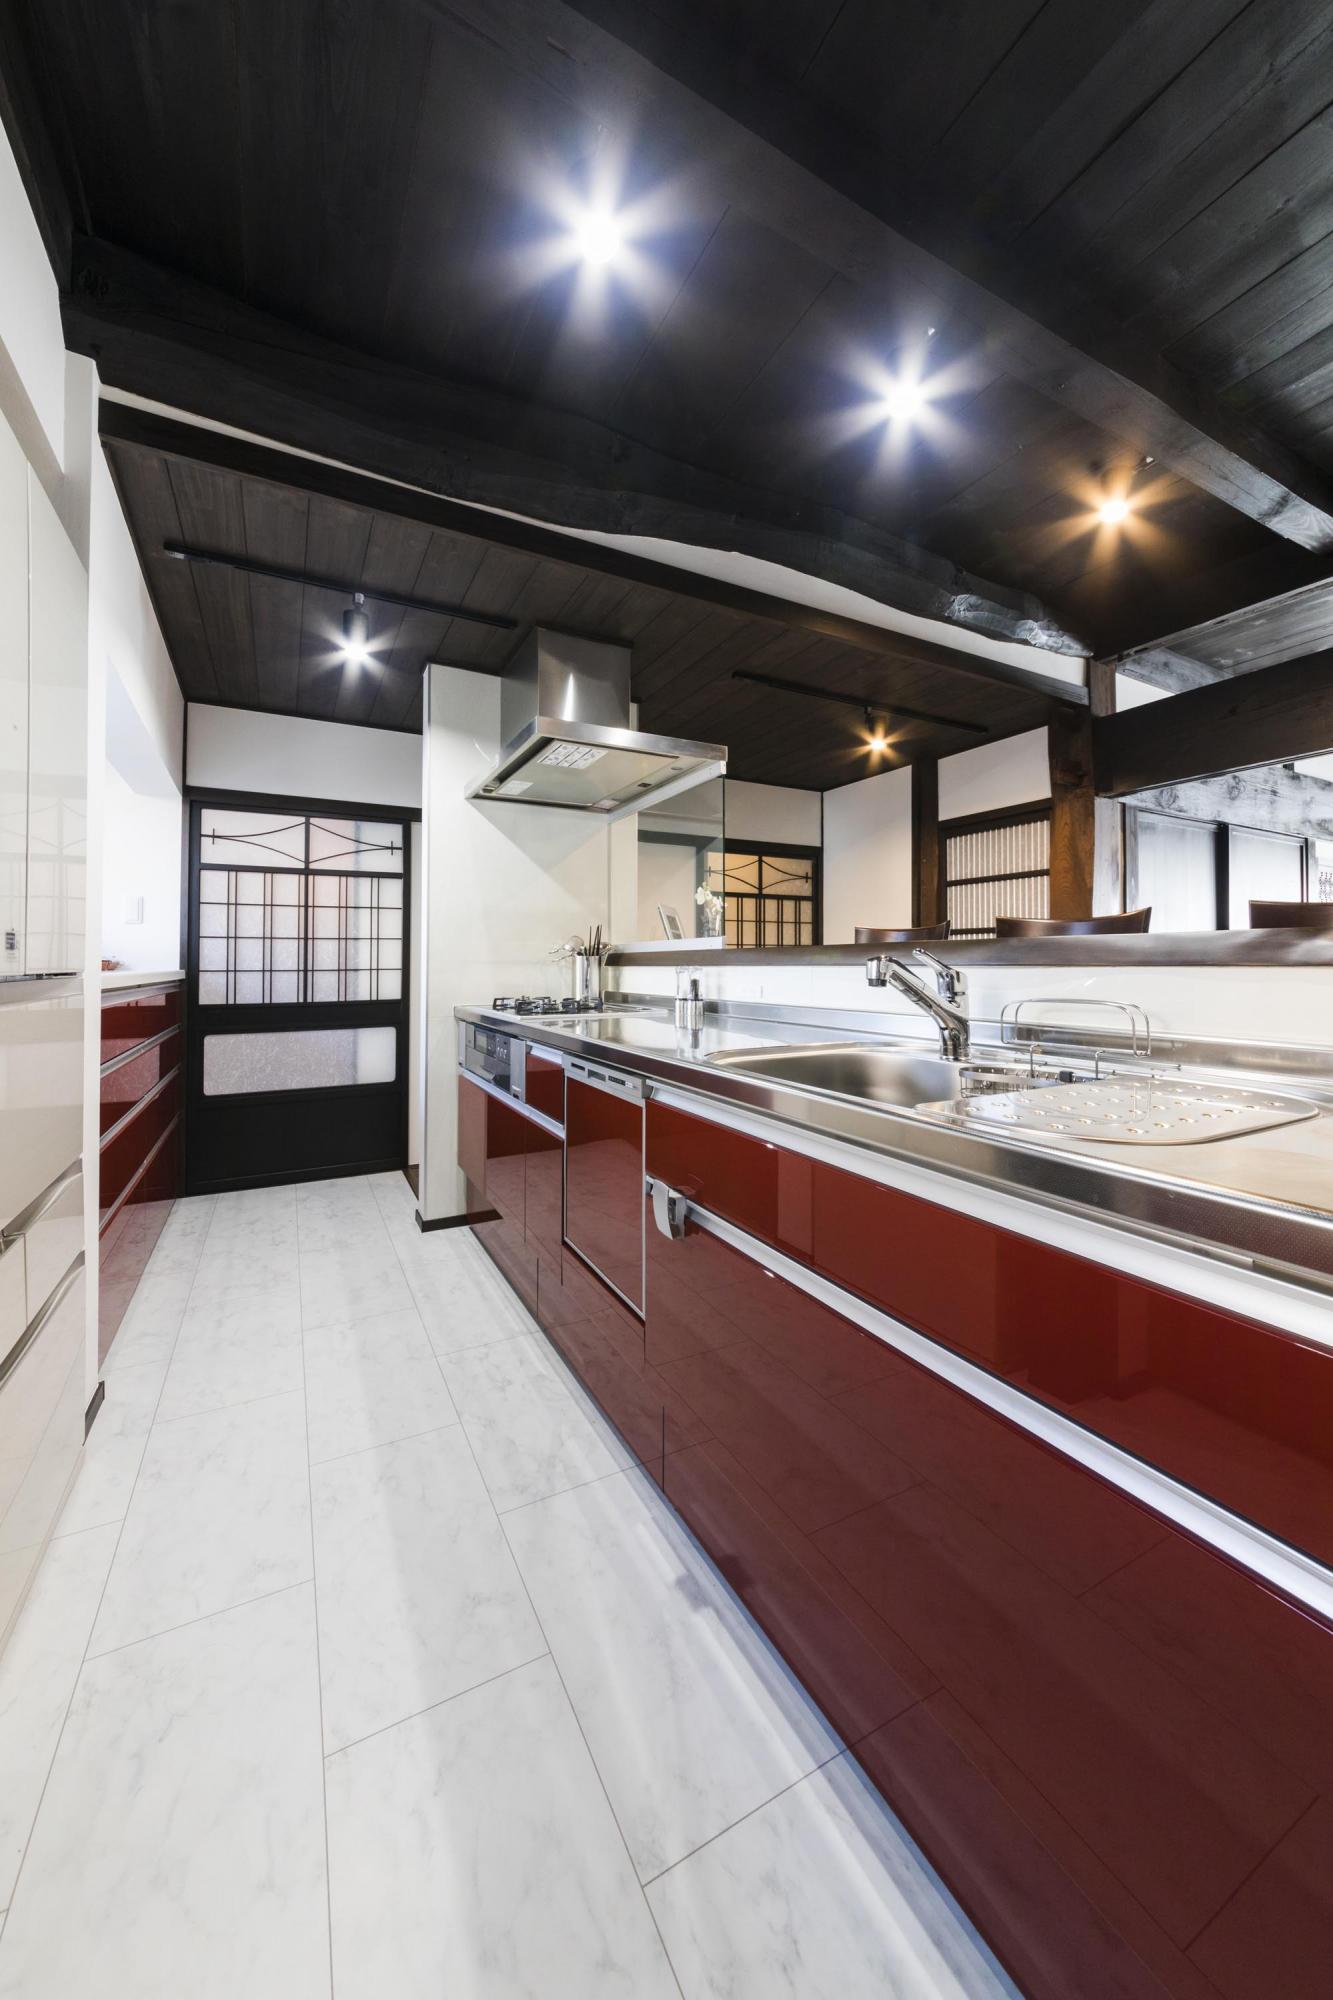 キッチンは鏡面仕上げの赤色の面材をセレクトし、床は空間を明るく引き立てる白いシートフロアを採用。食器などを収められる収納スペースも十分に確保した。